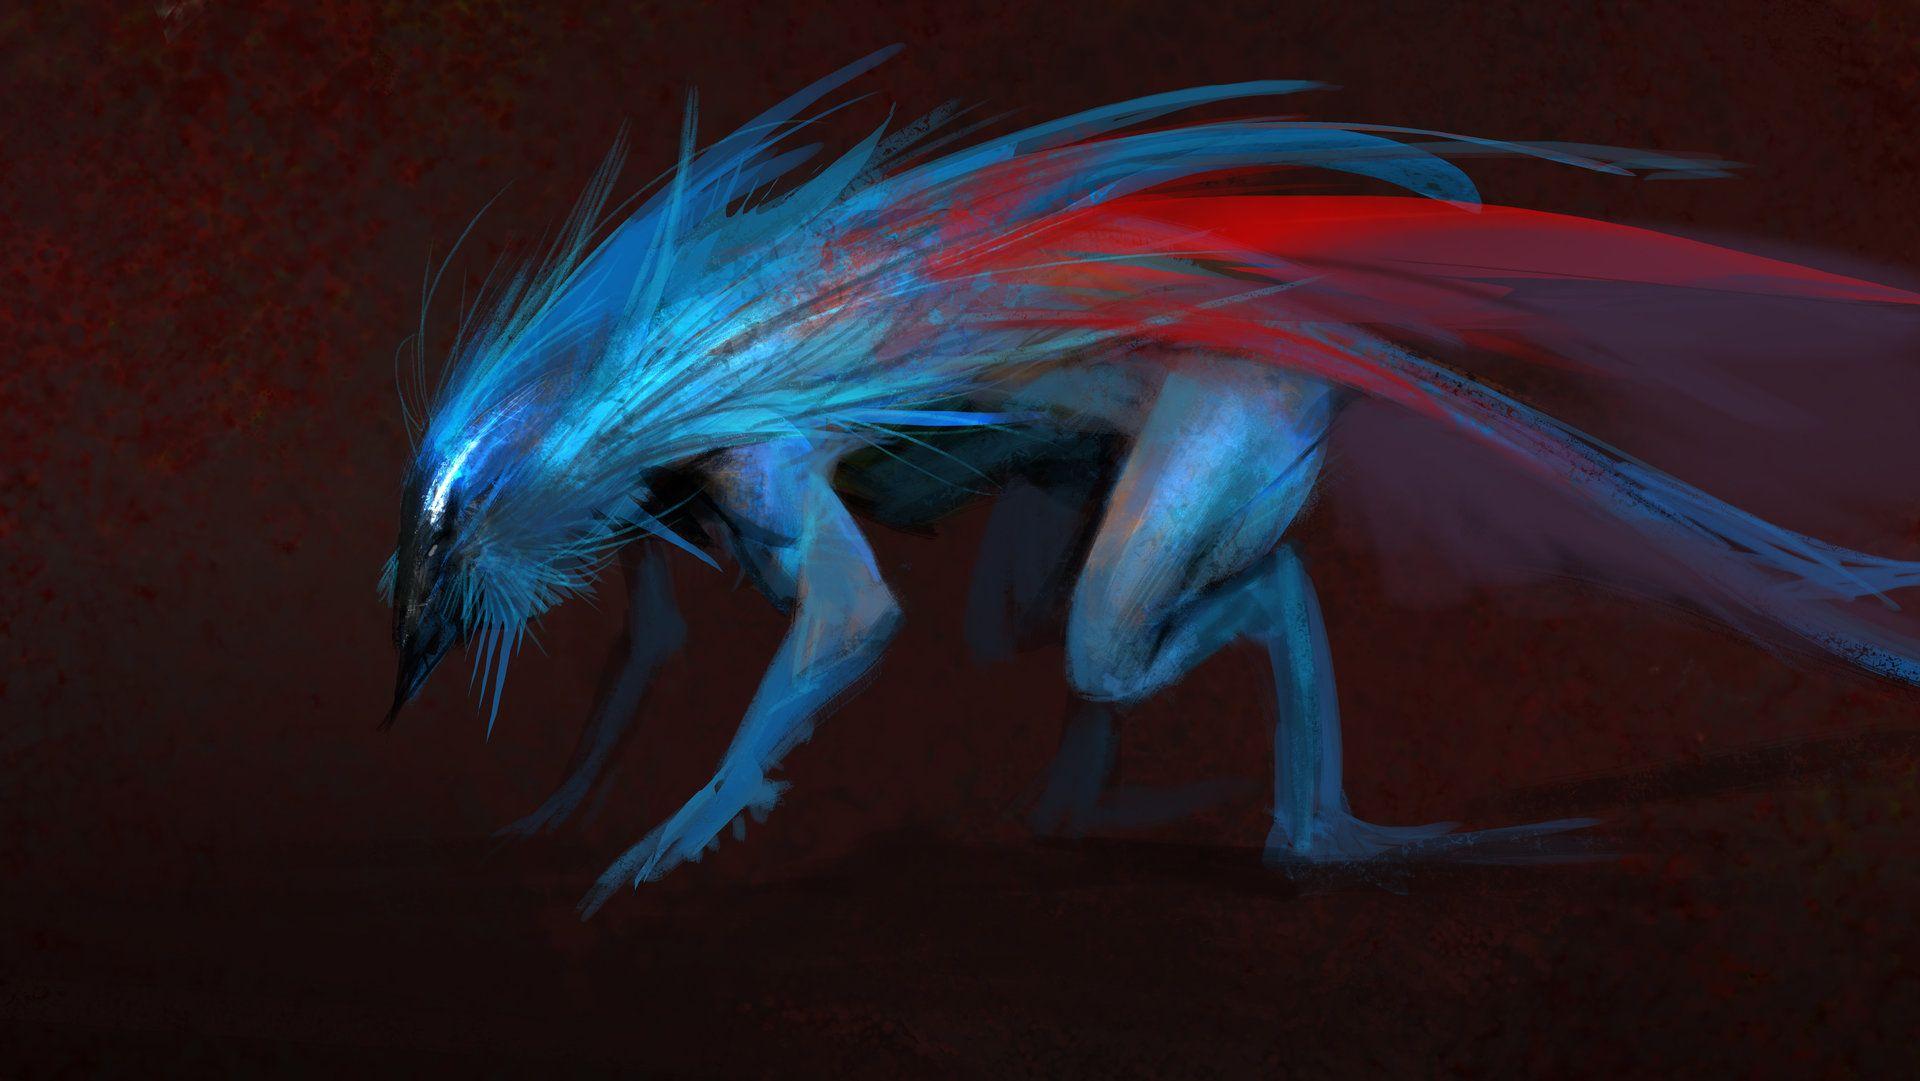 https://www.artstation.com/artwork/the-creature-715eaaa7-cb5d-4b31-bc0b-790c2d77a4a7